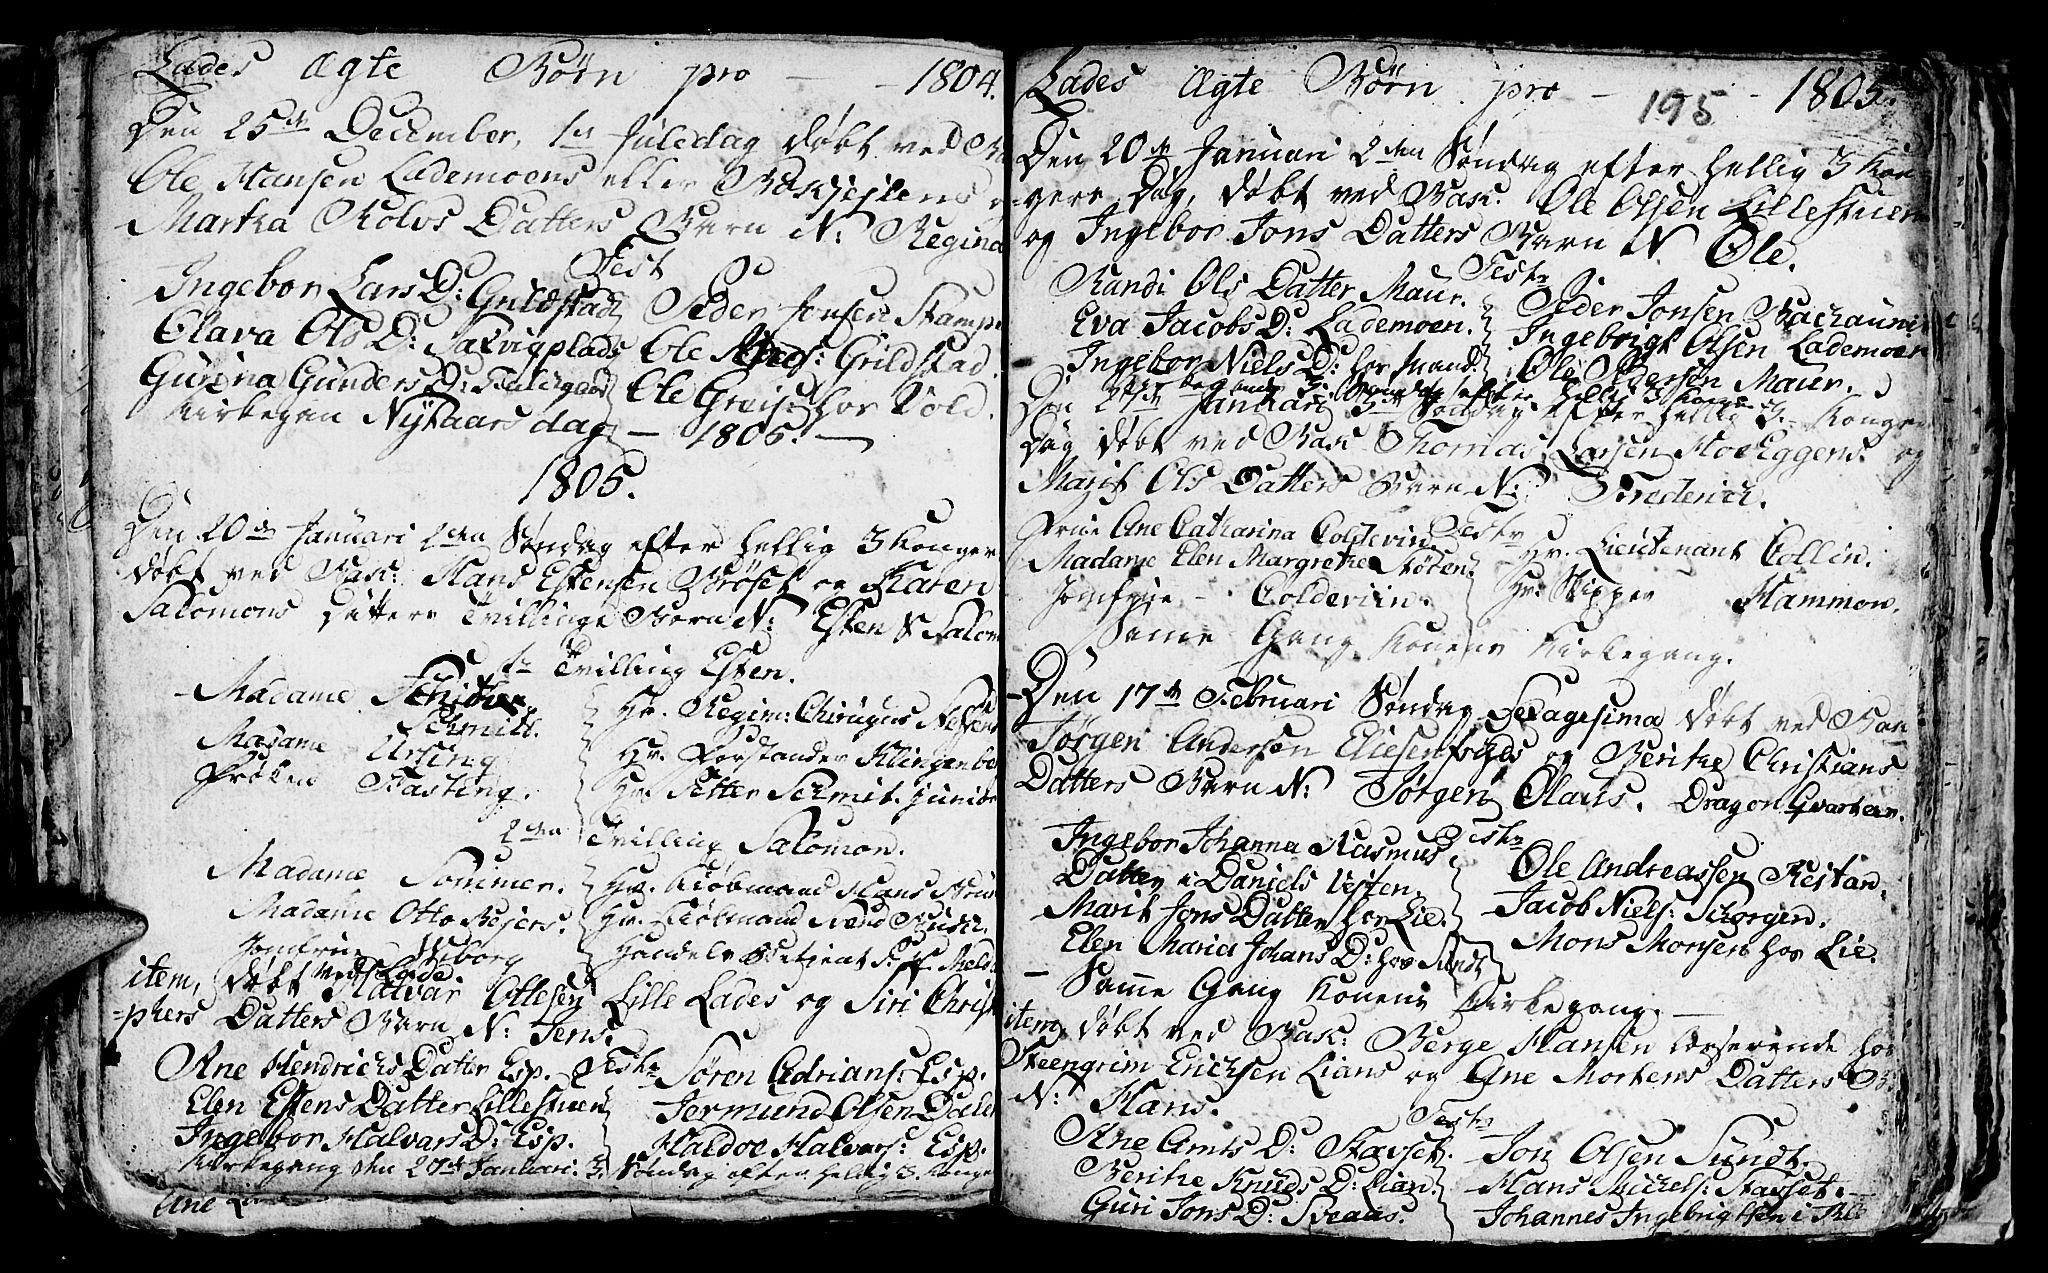 SAT, Ministerialprotokoller, klokkerbøker og fødselsregistre - Sør-Trøndelag, 606/L0305: Klokkerbok nr. 606C01, 1757-1819, s. 195